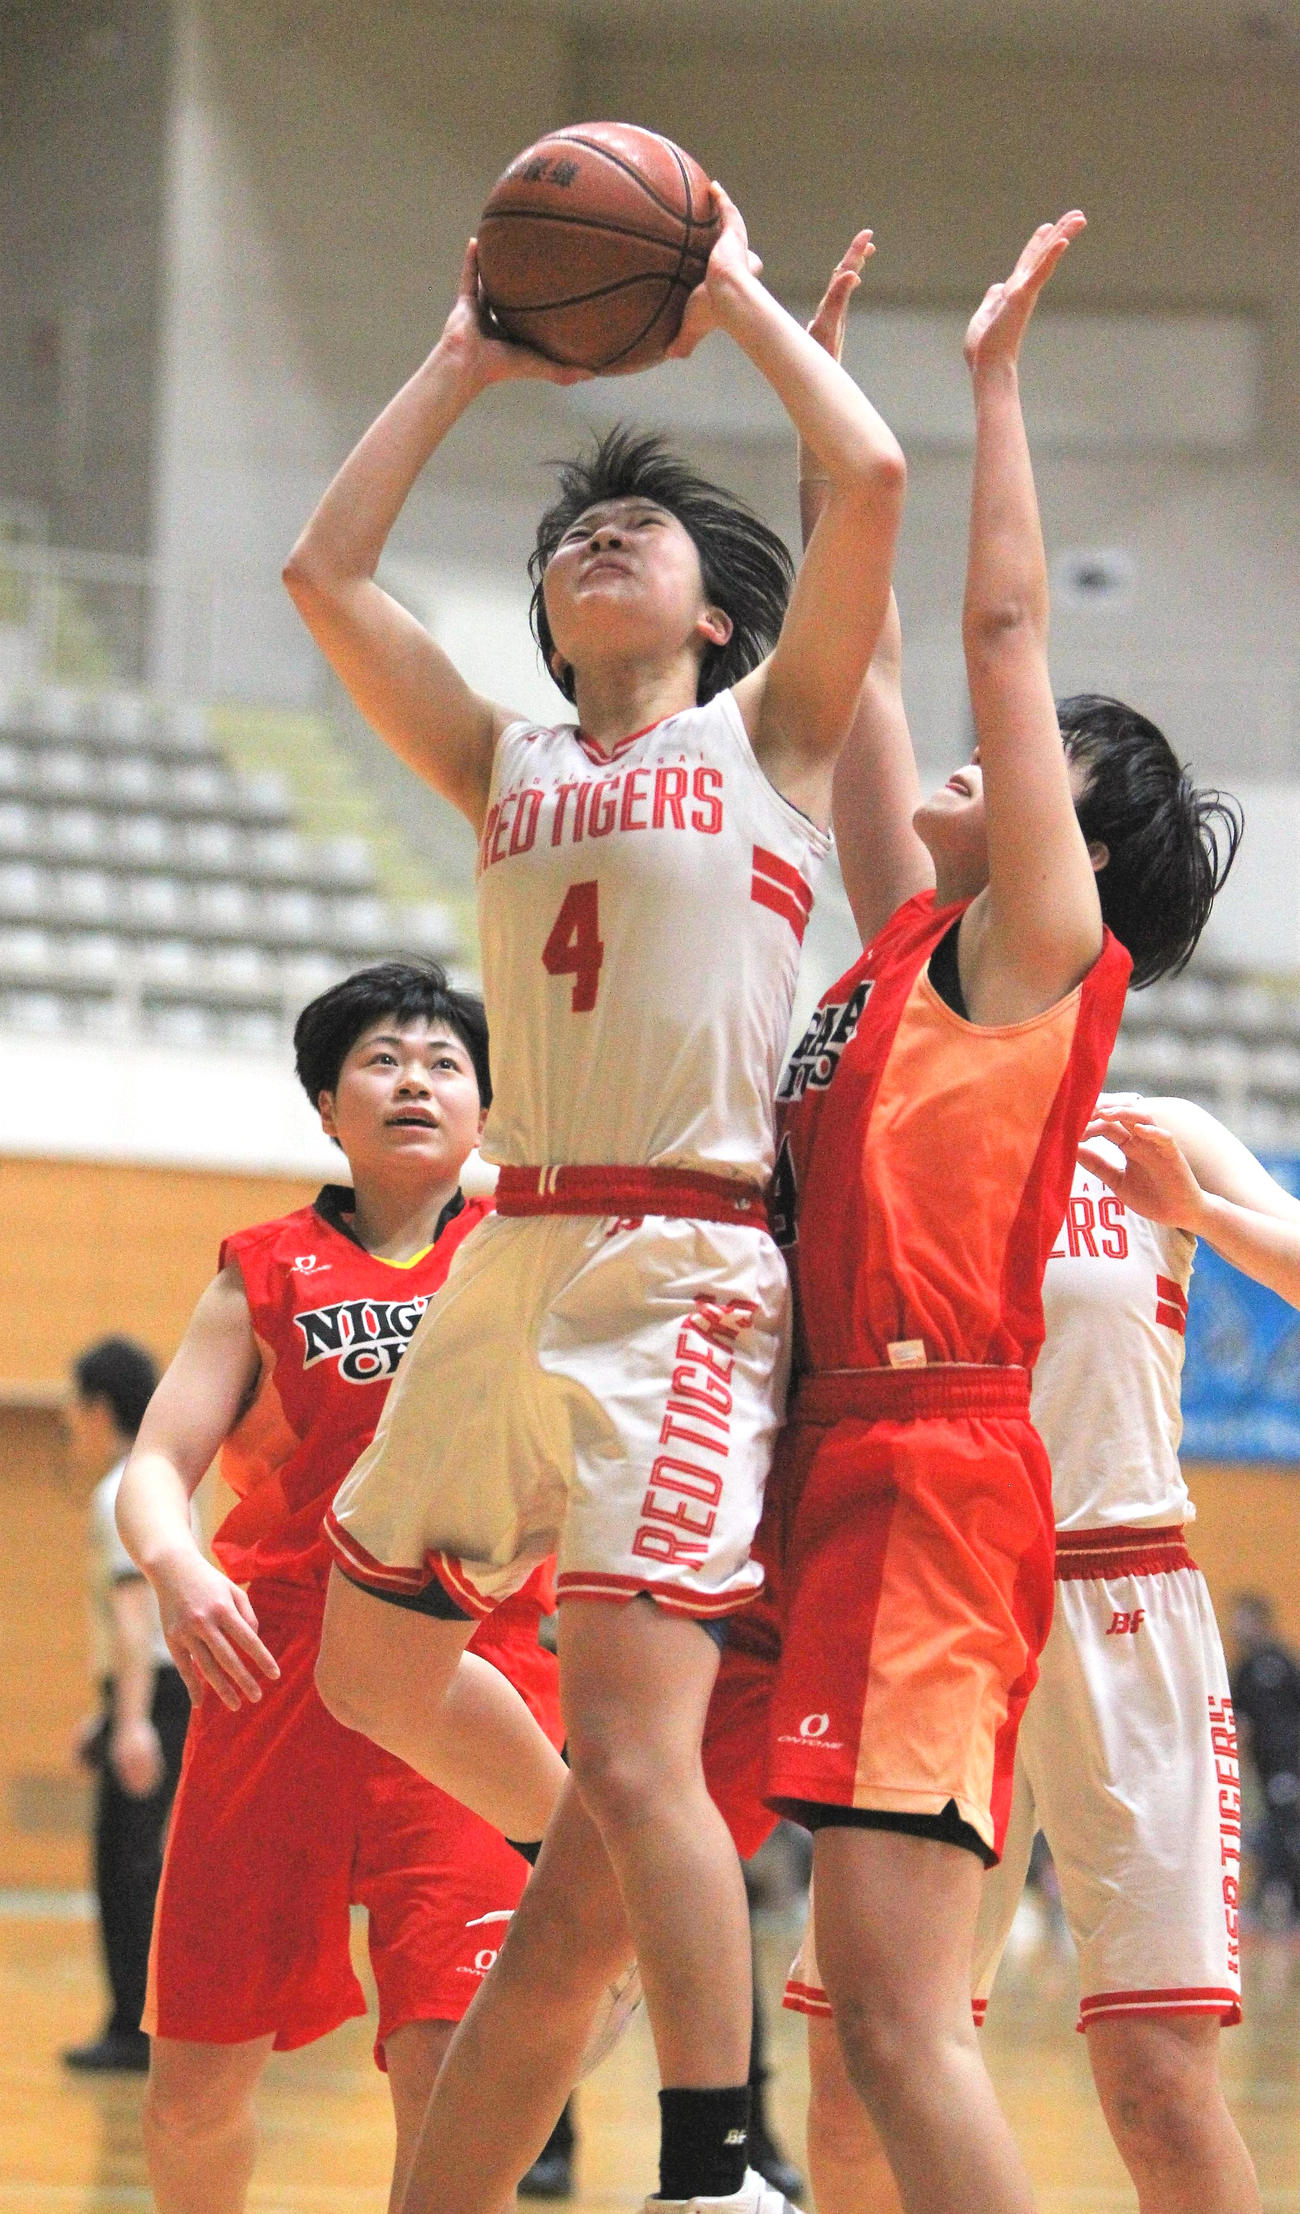 決勝で24得点を挙げた開志国際(女子)・堂脇主将(4番)